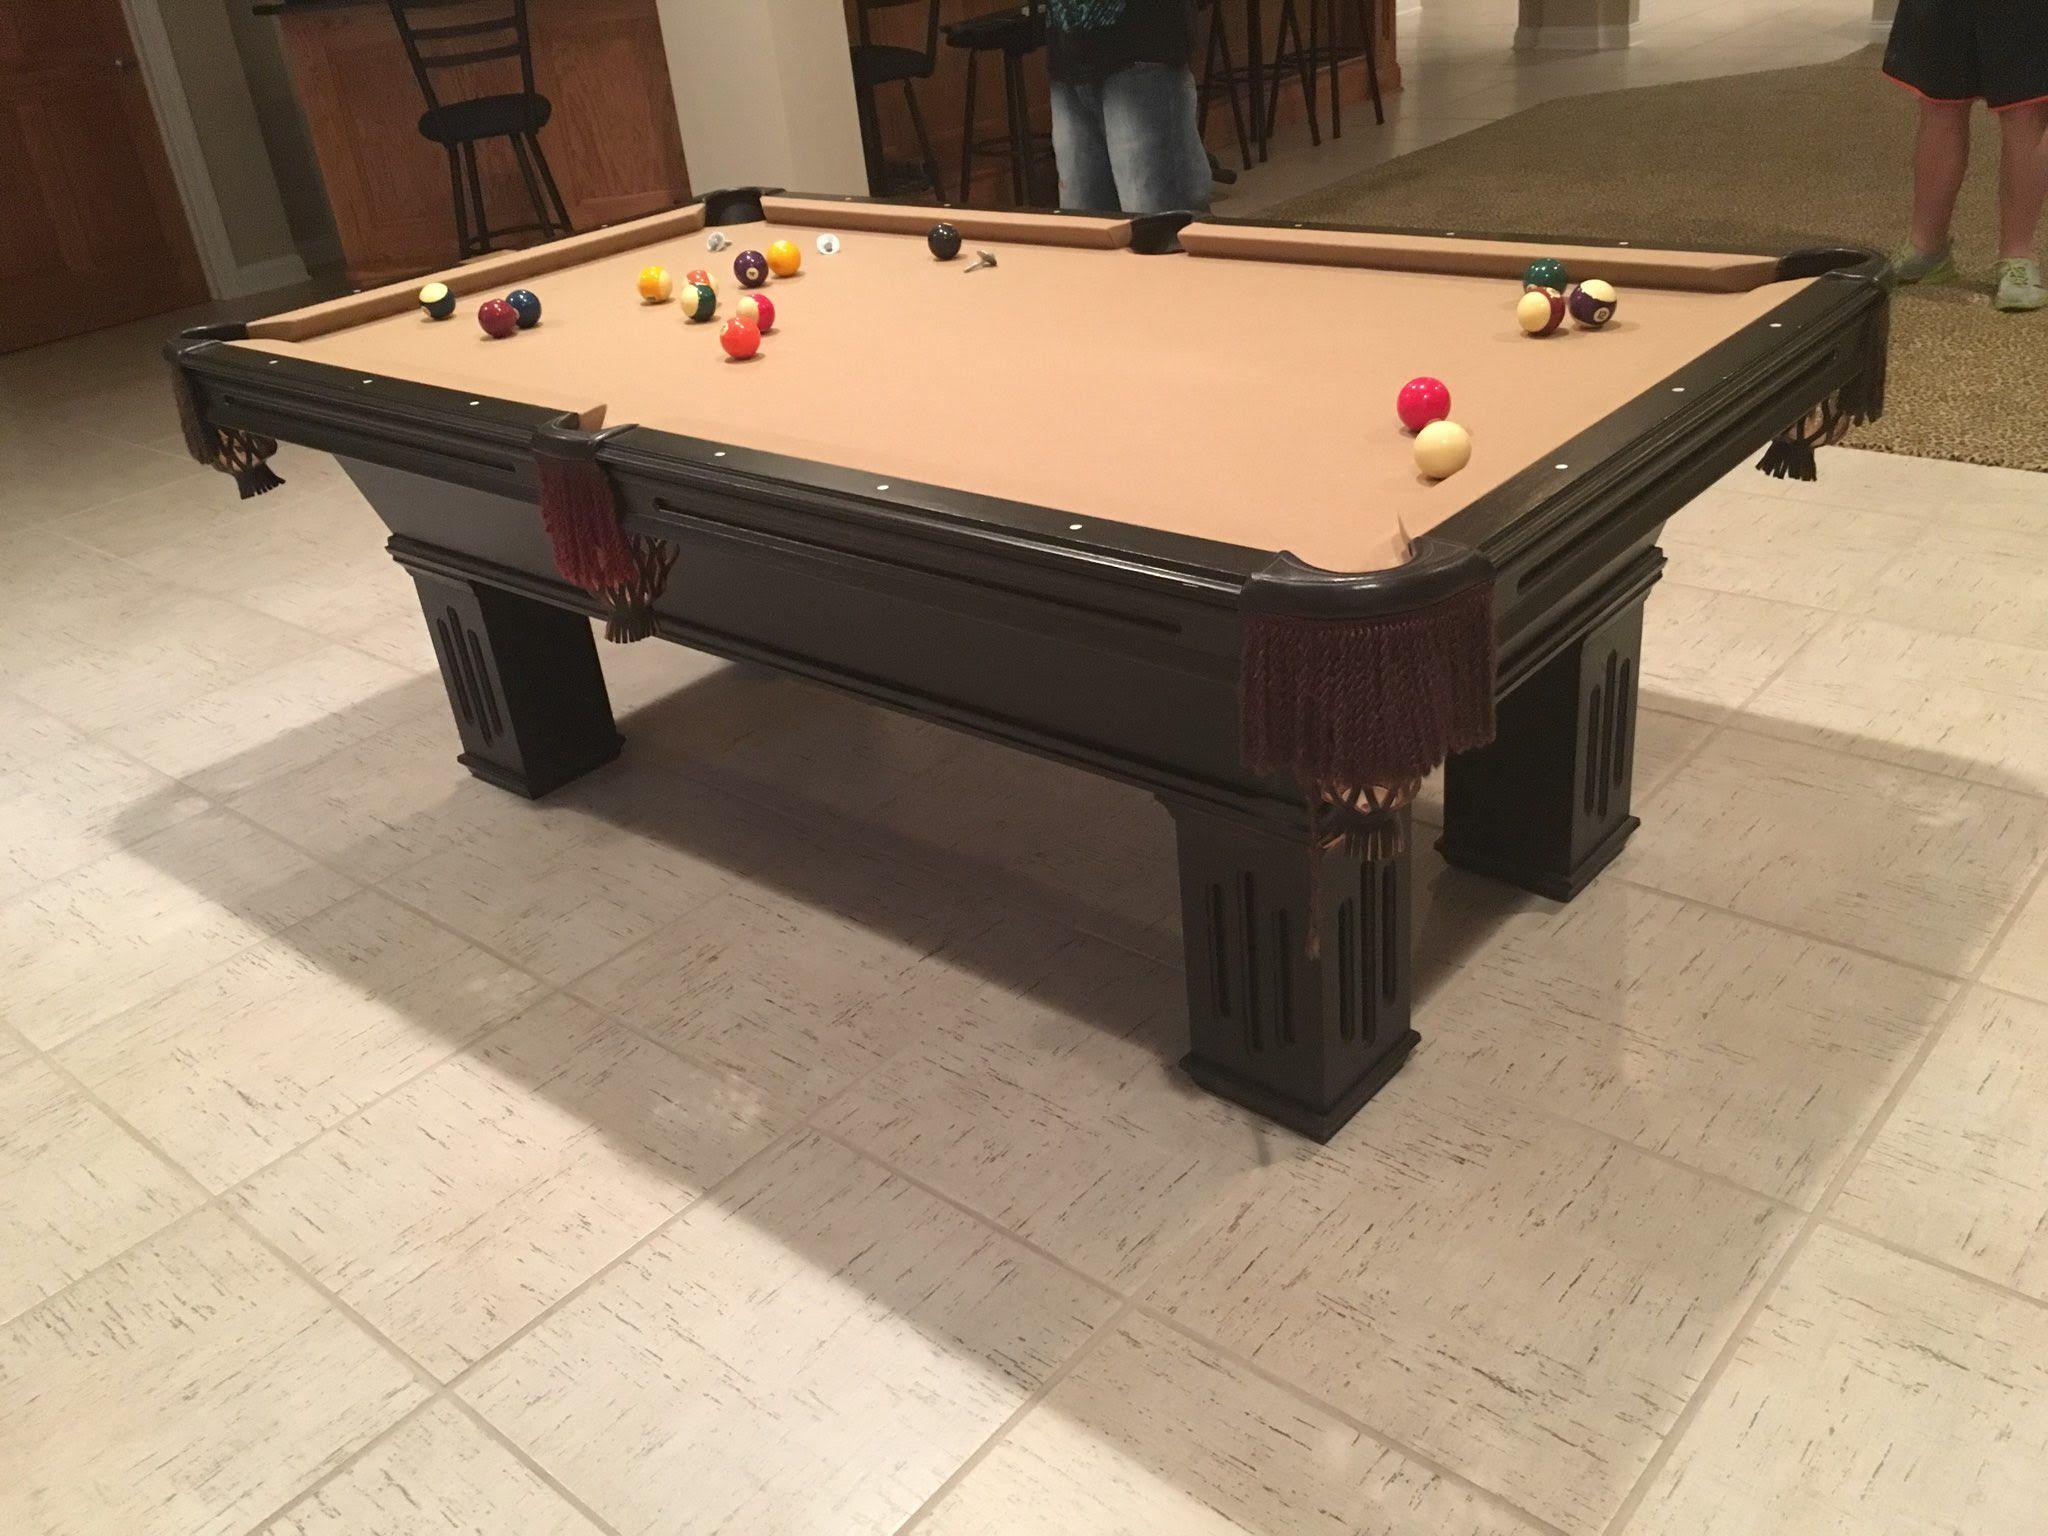 7' Olhausen Billiards Gem Pool Table | Pool table, Pool table